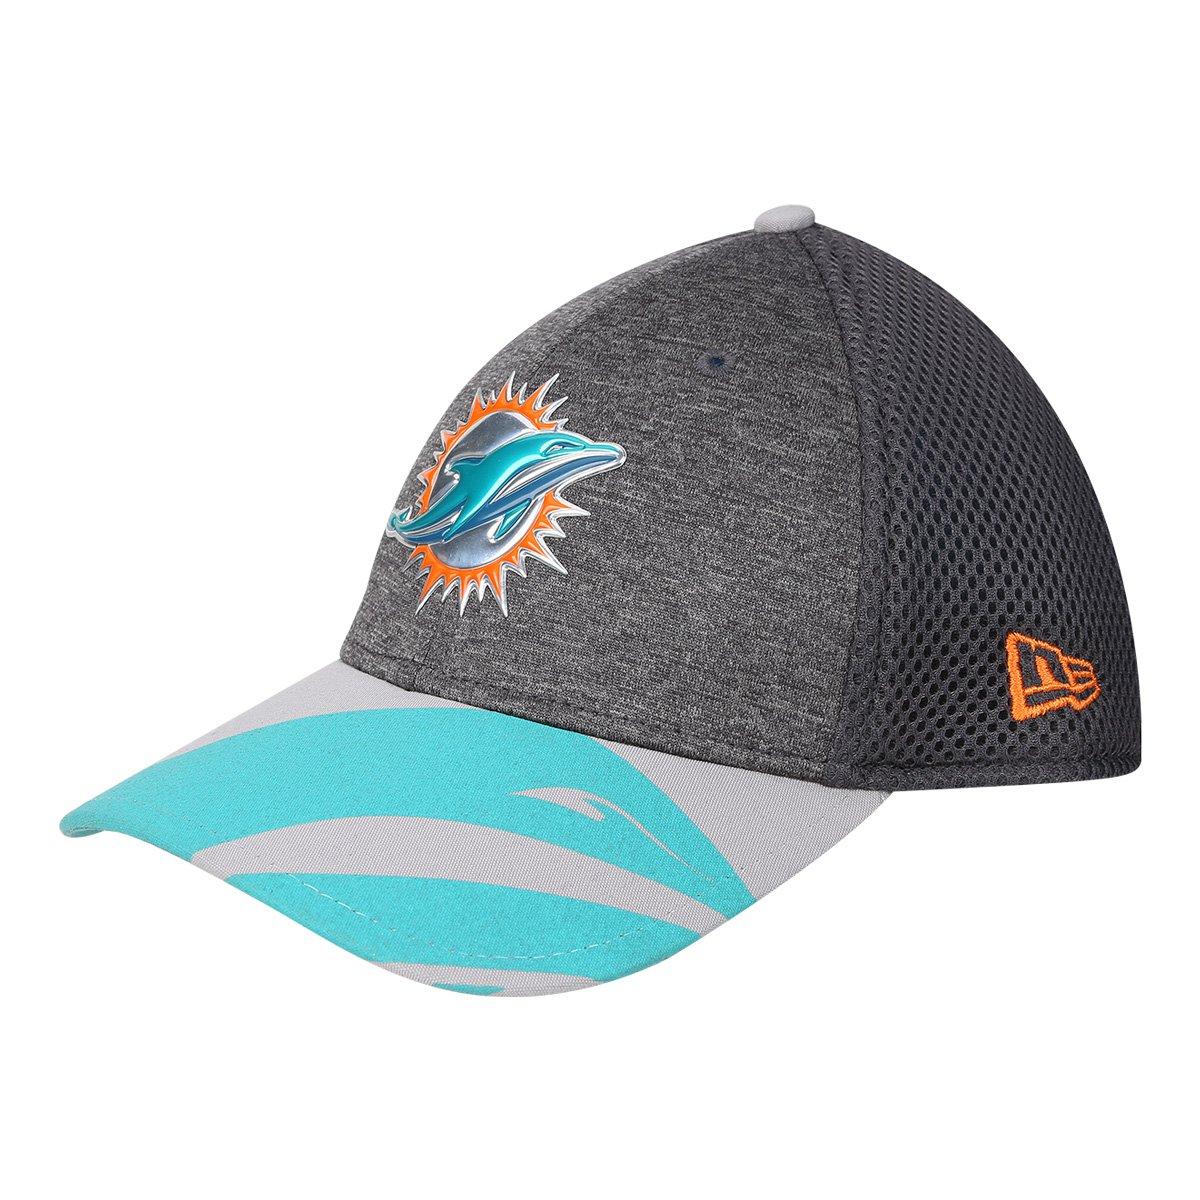 8d6d428d6 Boné New Era NFL Miami Dolphins Aba Curva 3930 Spotlight Masculino - Cinza  - Compre Agora